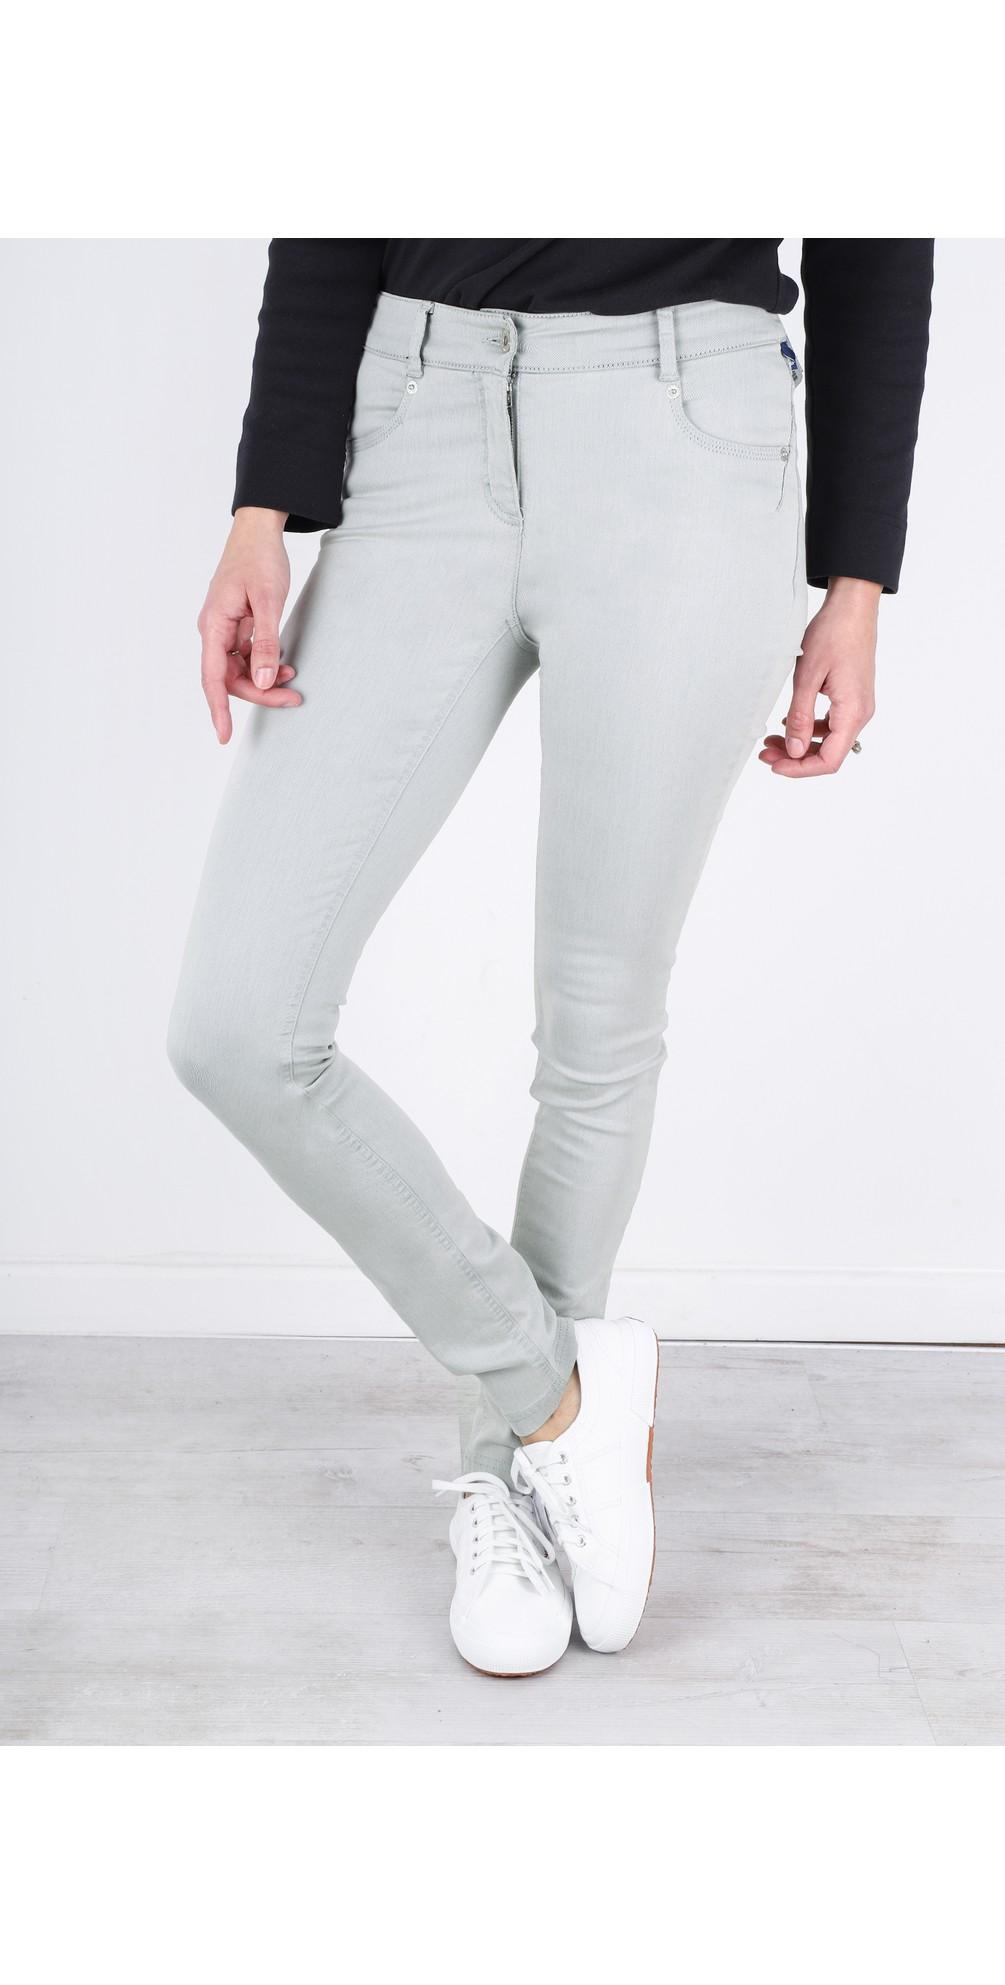 Star Power Stretch Grey Skinny Jean main image